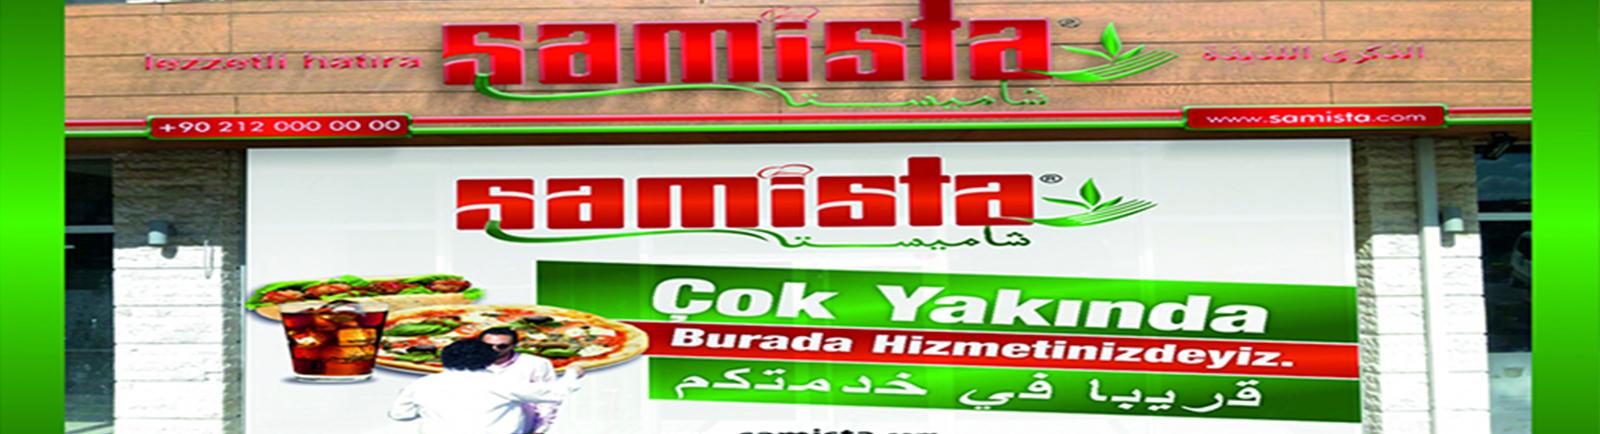 Arap Yatırımcılara Türkiye'de Yeni Markalar Oluşturuyoruz